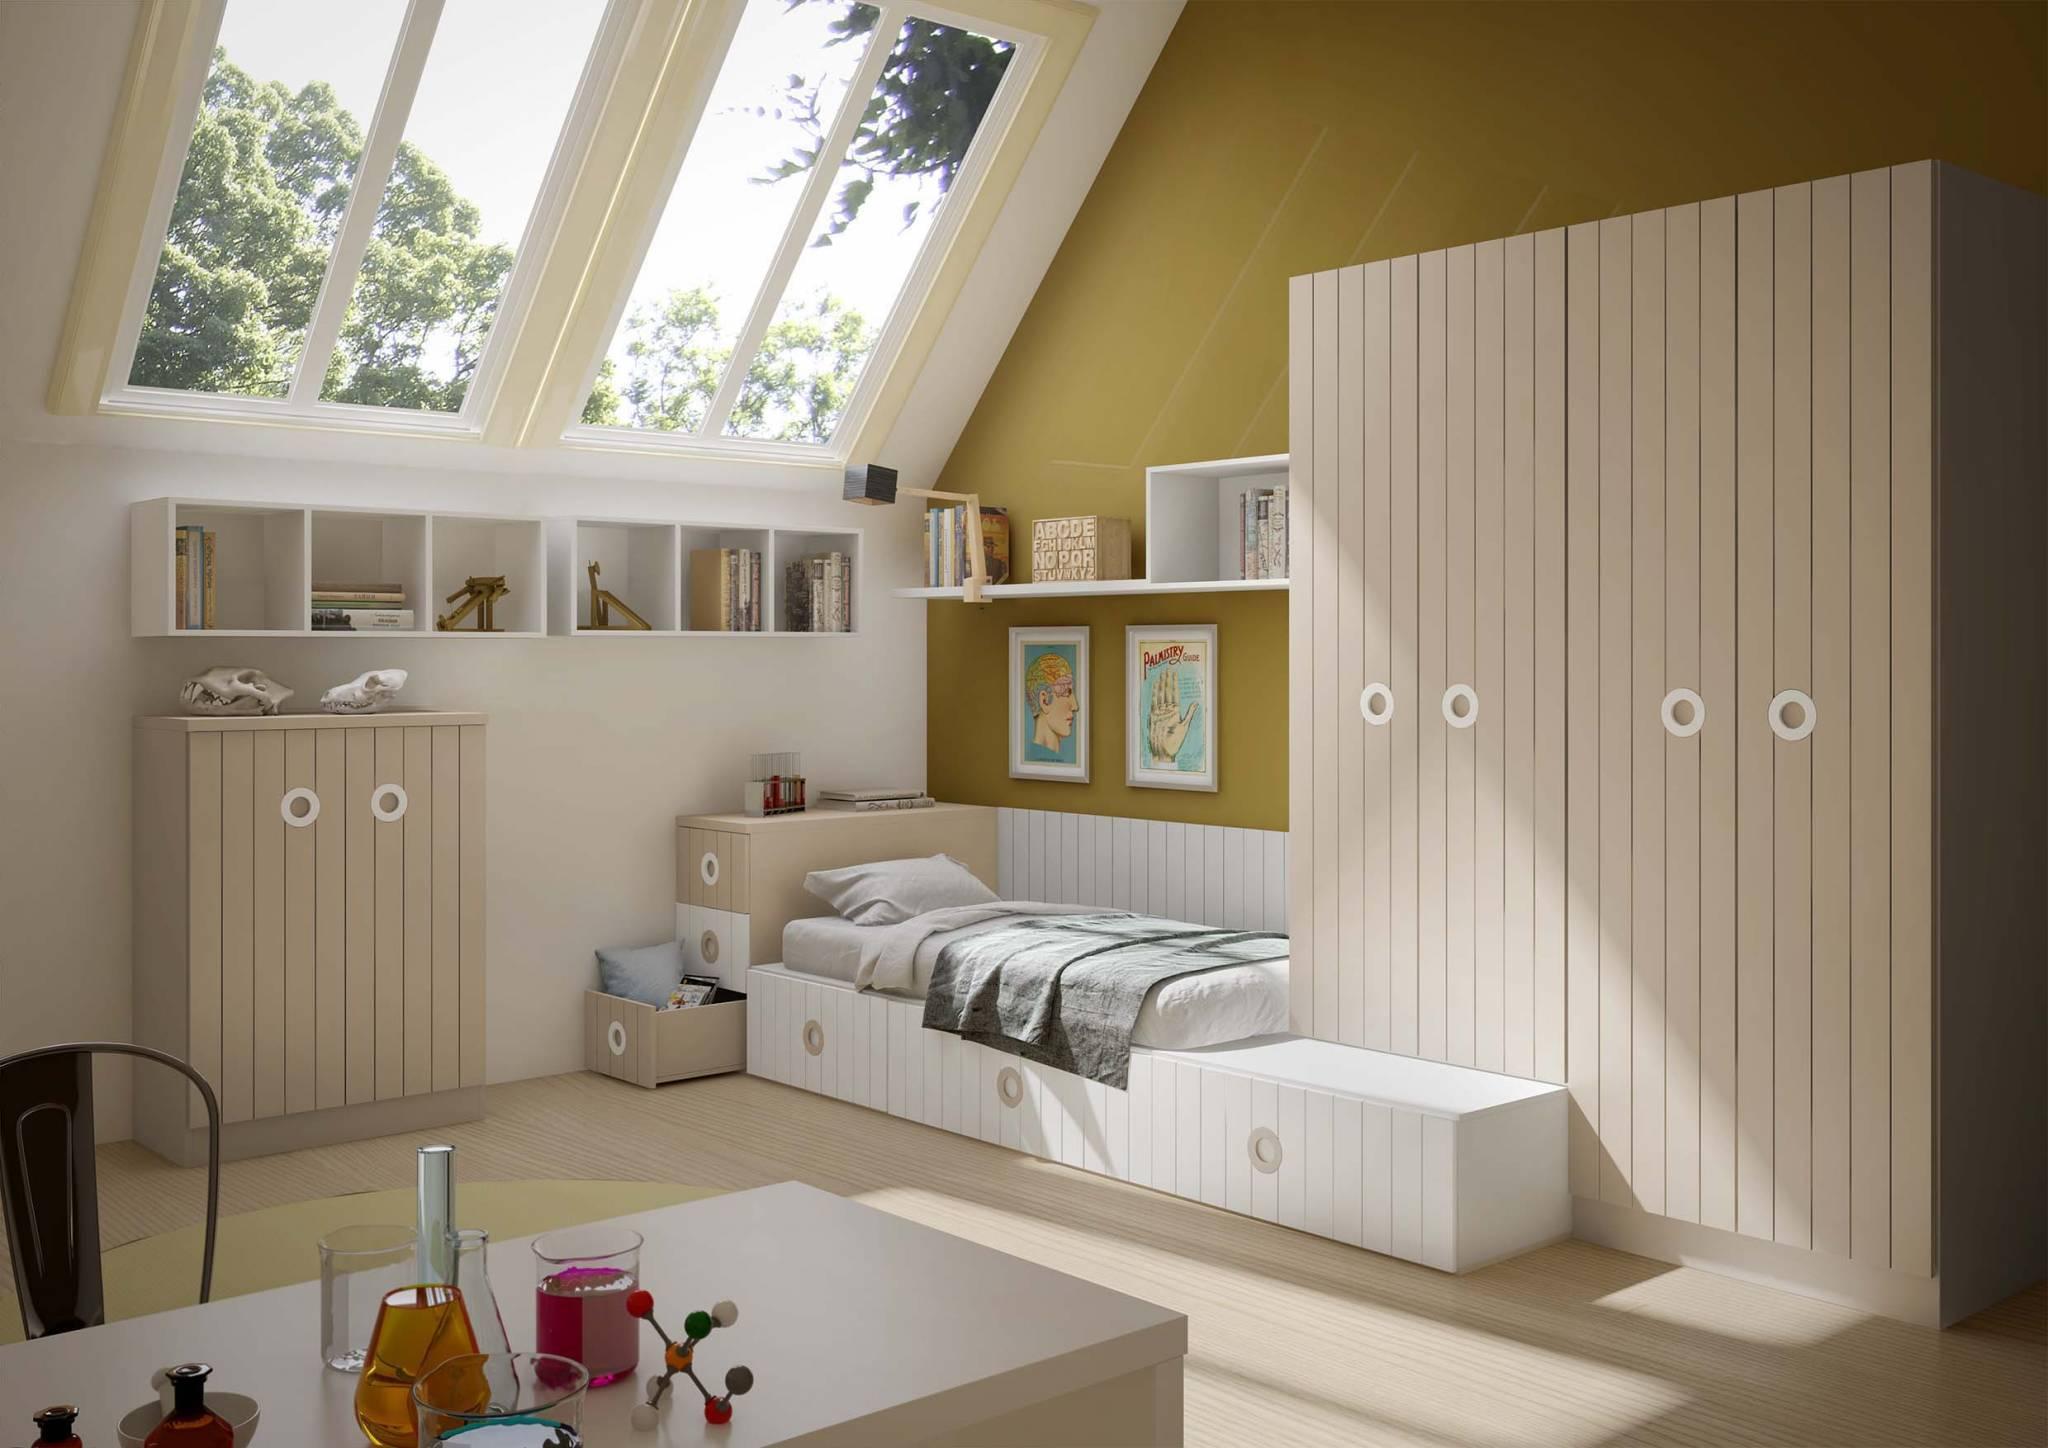 Juvenil Lacado Tese. Dormitorio Juvenil  Tatami Lacado. Muebles Díaz